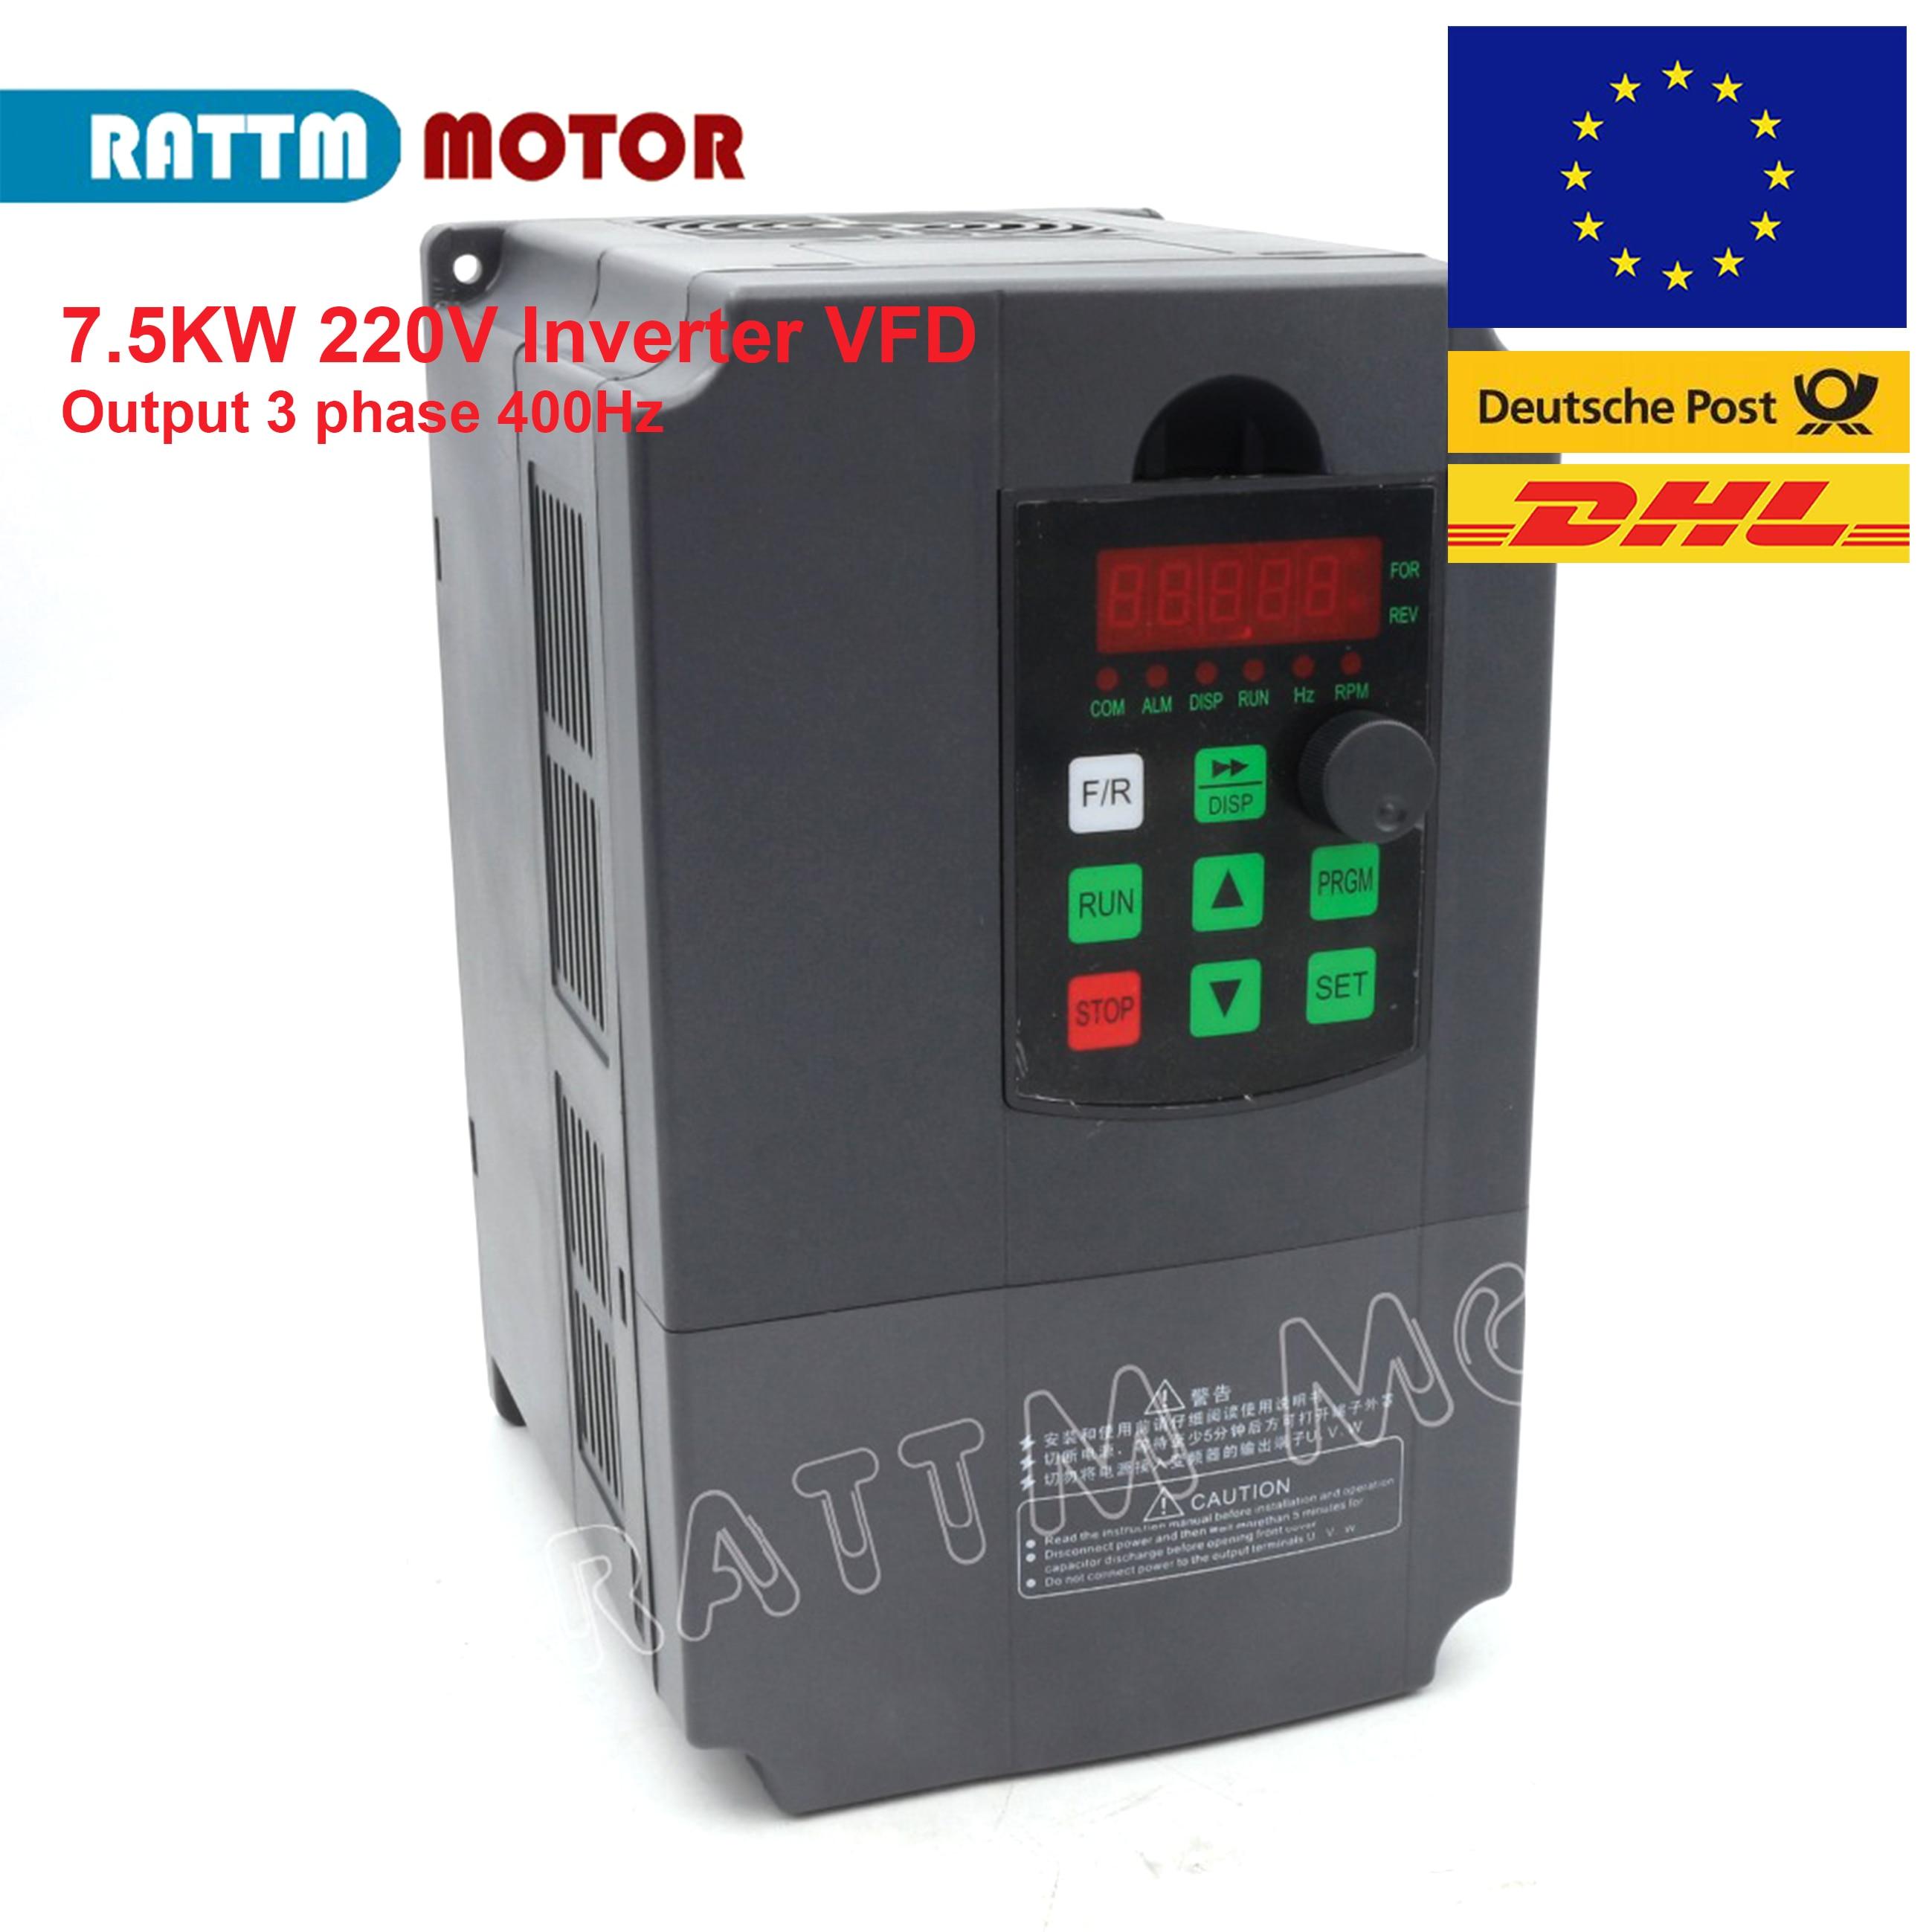 ¡Entrega en UE! 7.5KW 220V frecuencia Variable VFD inversor salida 3 fases 400Hz husillo controlador de velocidad del Motor transportador de frecuencia